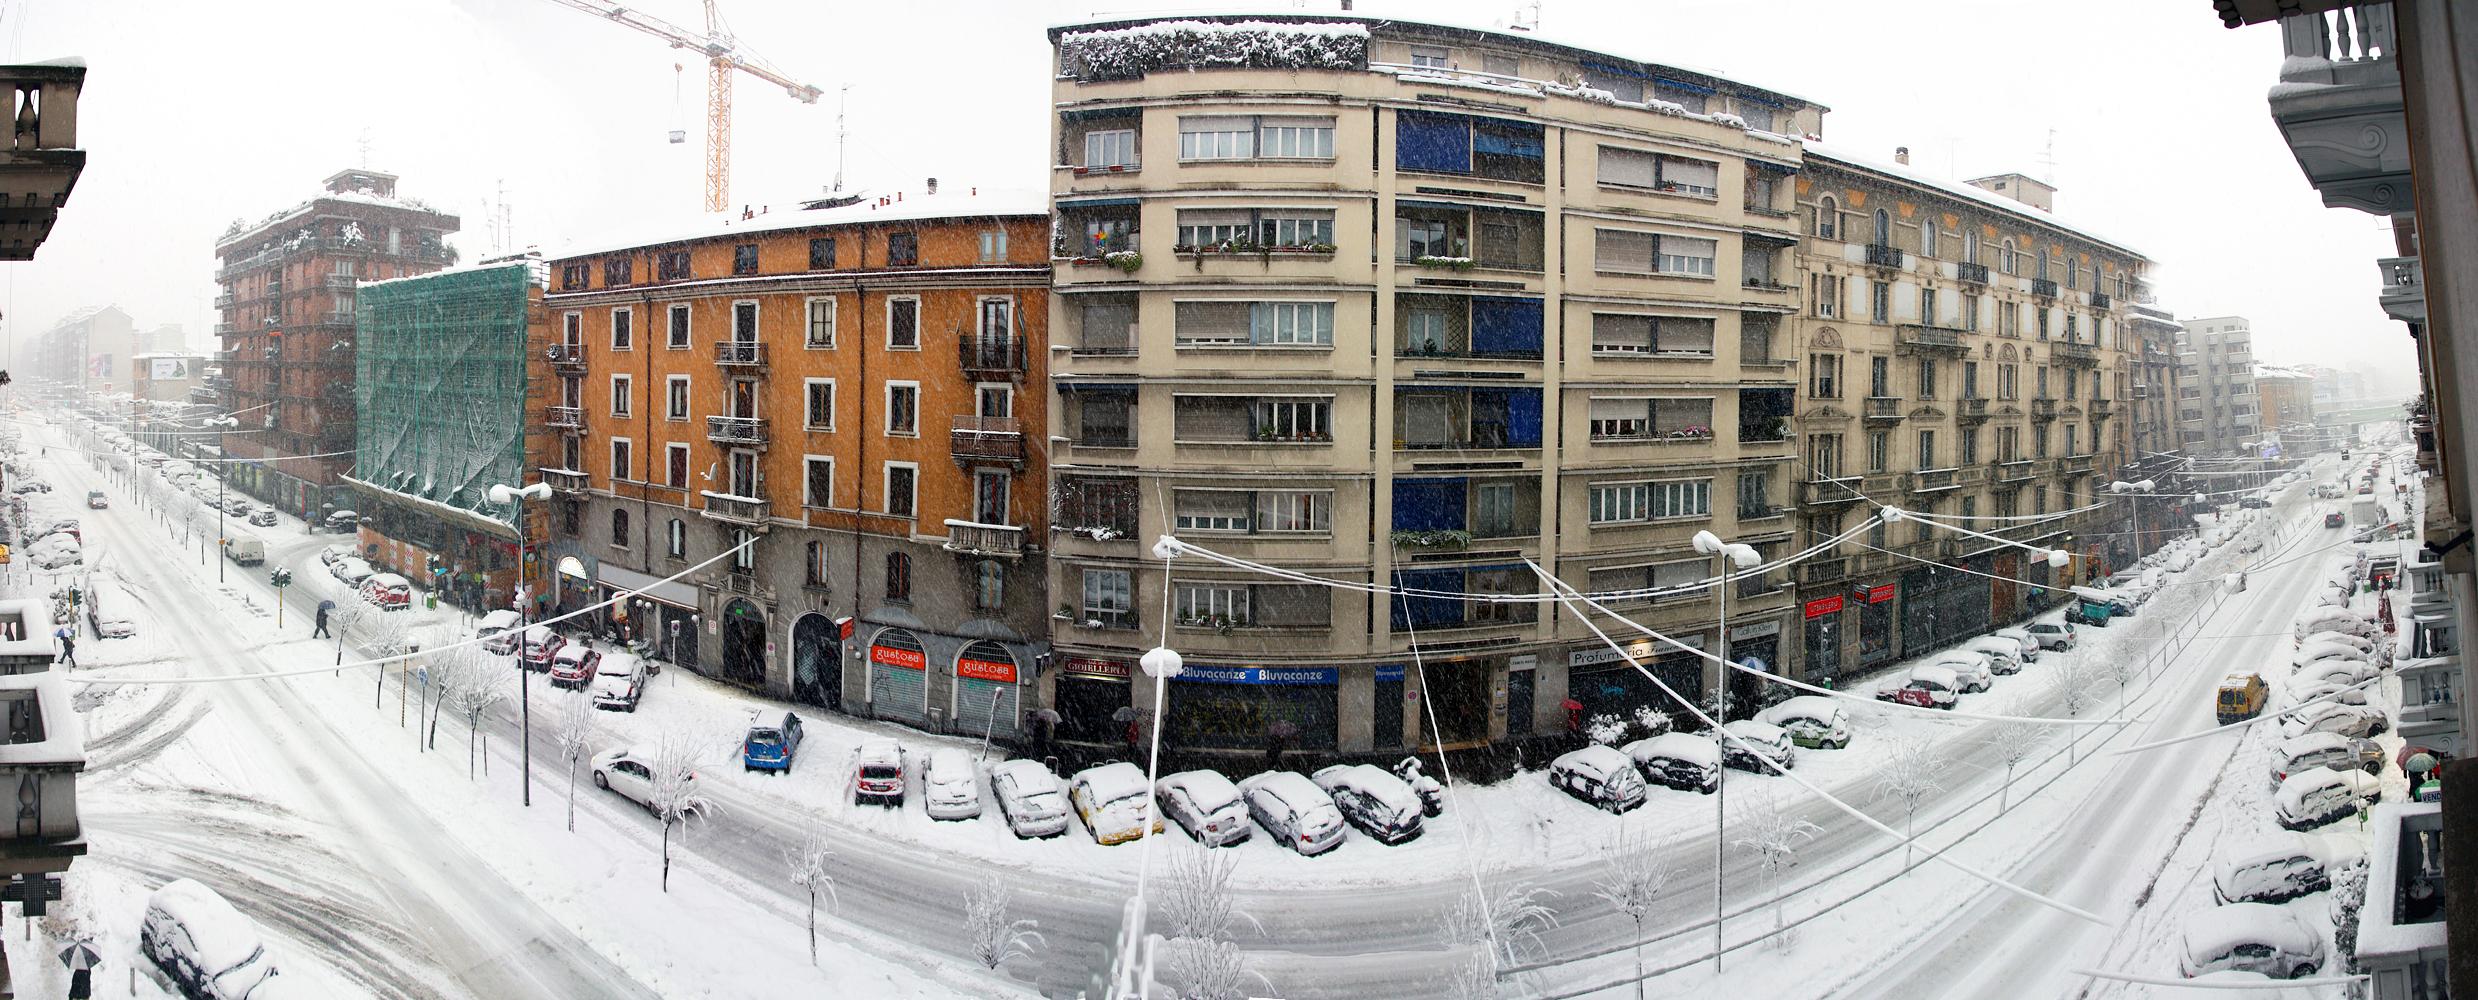 Viale Monza - Wikipedia